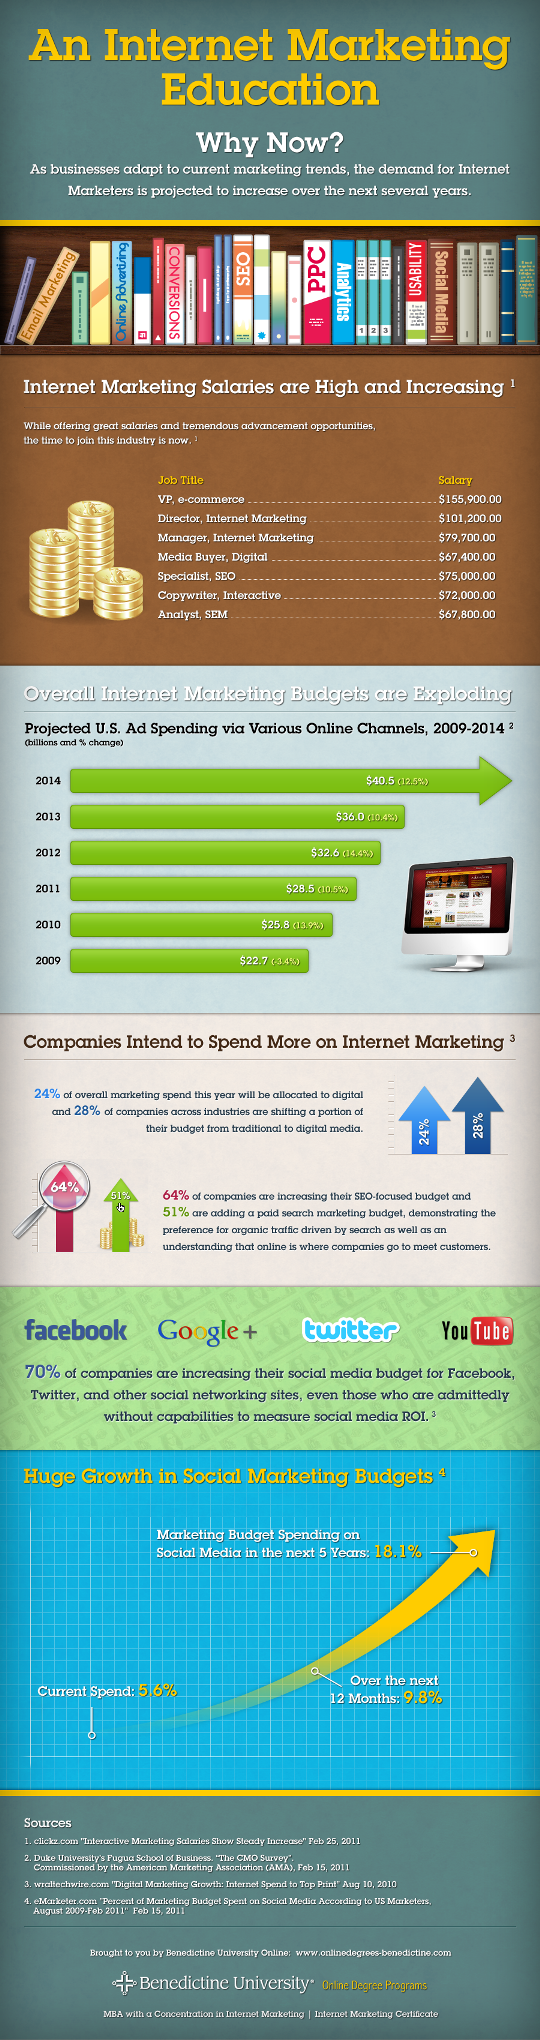 Почему выгодно изучать интернет-маркетинг